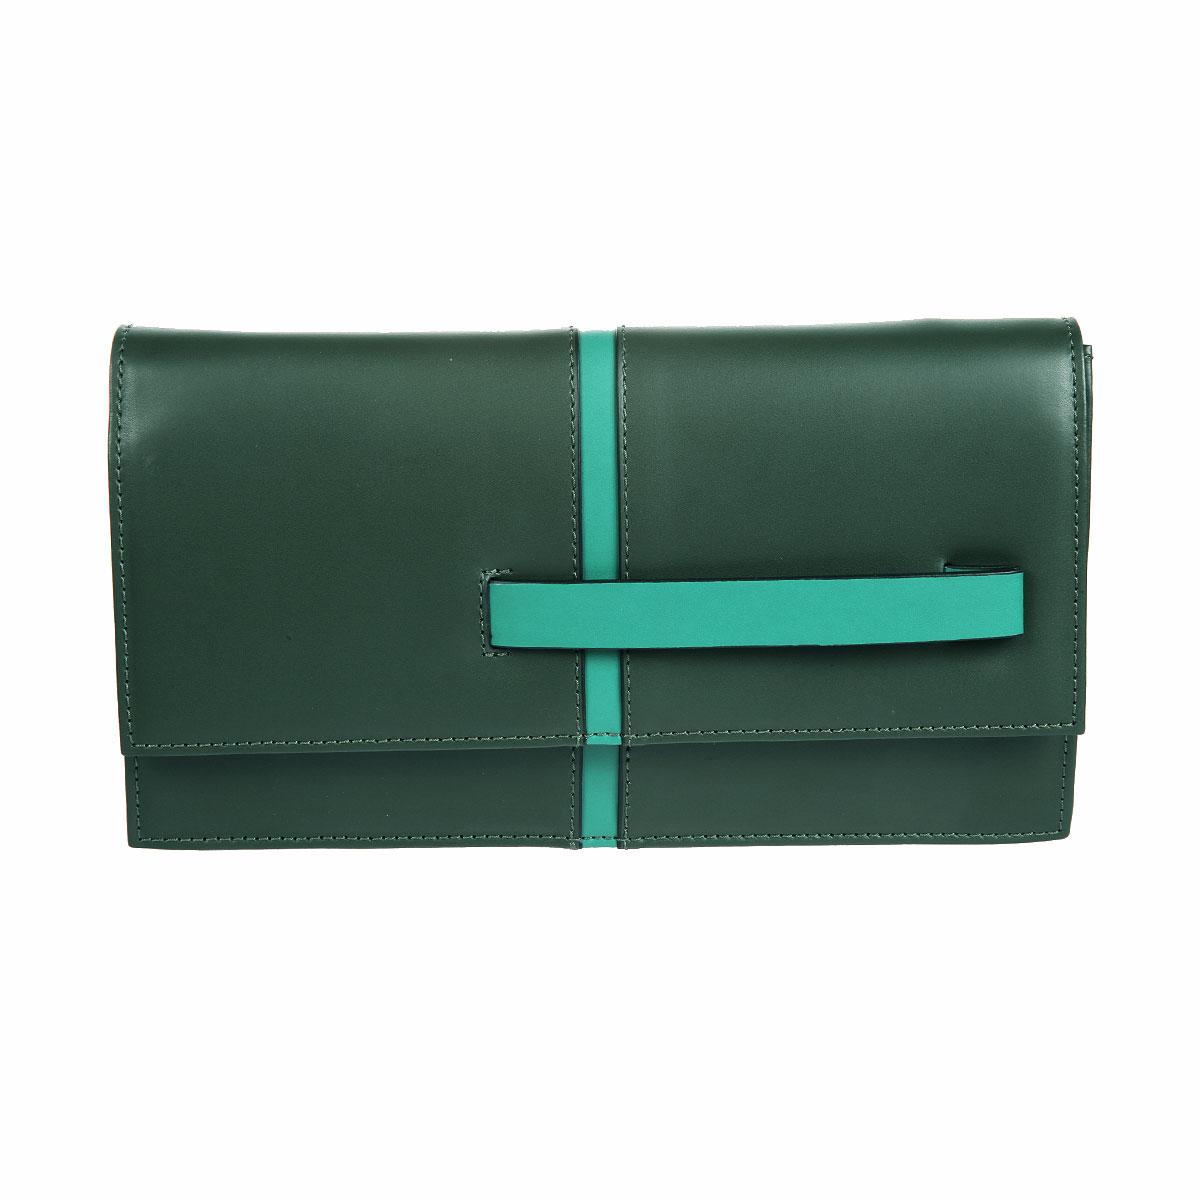 Клатч женский Gianni Conti, цвет: темно-зеленый, травяной. 843792E843792E green multiЭлегантный женский клатч Gianni Conti выполнен из высококачественной натуральной кожи. Лицевая сторона оформлена вертикальной полосой и оснащена удобной ручкой, которые исполнены в одном цвете. Клатч закрывается на клапаном на магнитную кнопку. Внутреннее отделение содержит два открытых кармана, держатель для письменных принадлежностей и накладной карман на застежке-молнии. В комплекте с клатчем входят небольшой ремешок на карабинах и тонкий плечевой рмень на кнопках. Изделие упаковано в фирменный чехол. Такой клатч отлично завершит вечерний образ и подчеркнет ваш идеальный вкус. С ним вы не останетесь незамеченной.